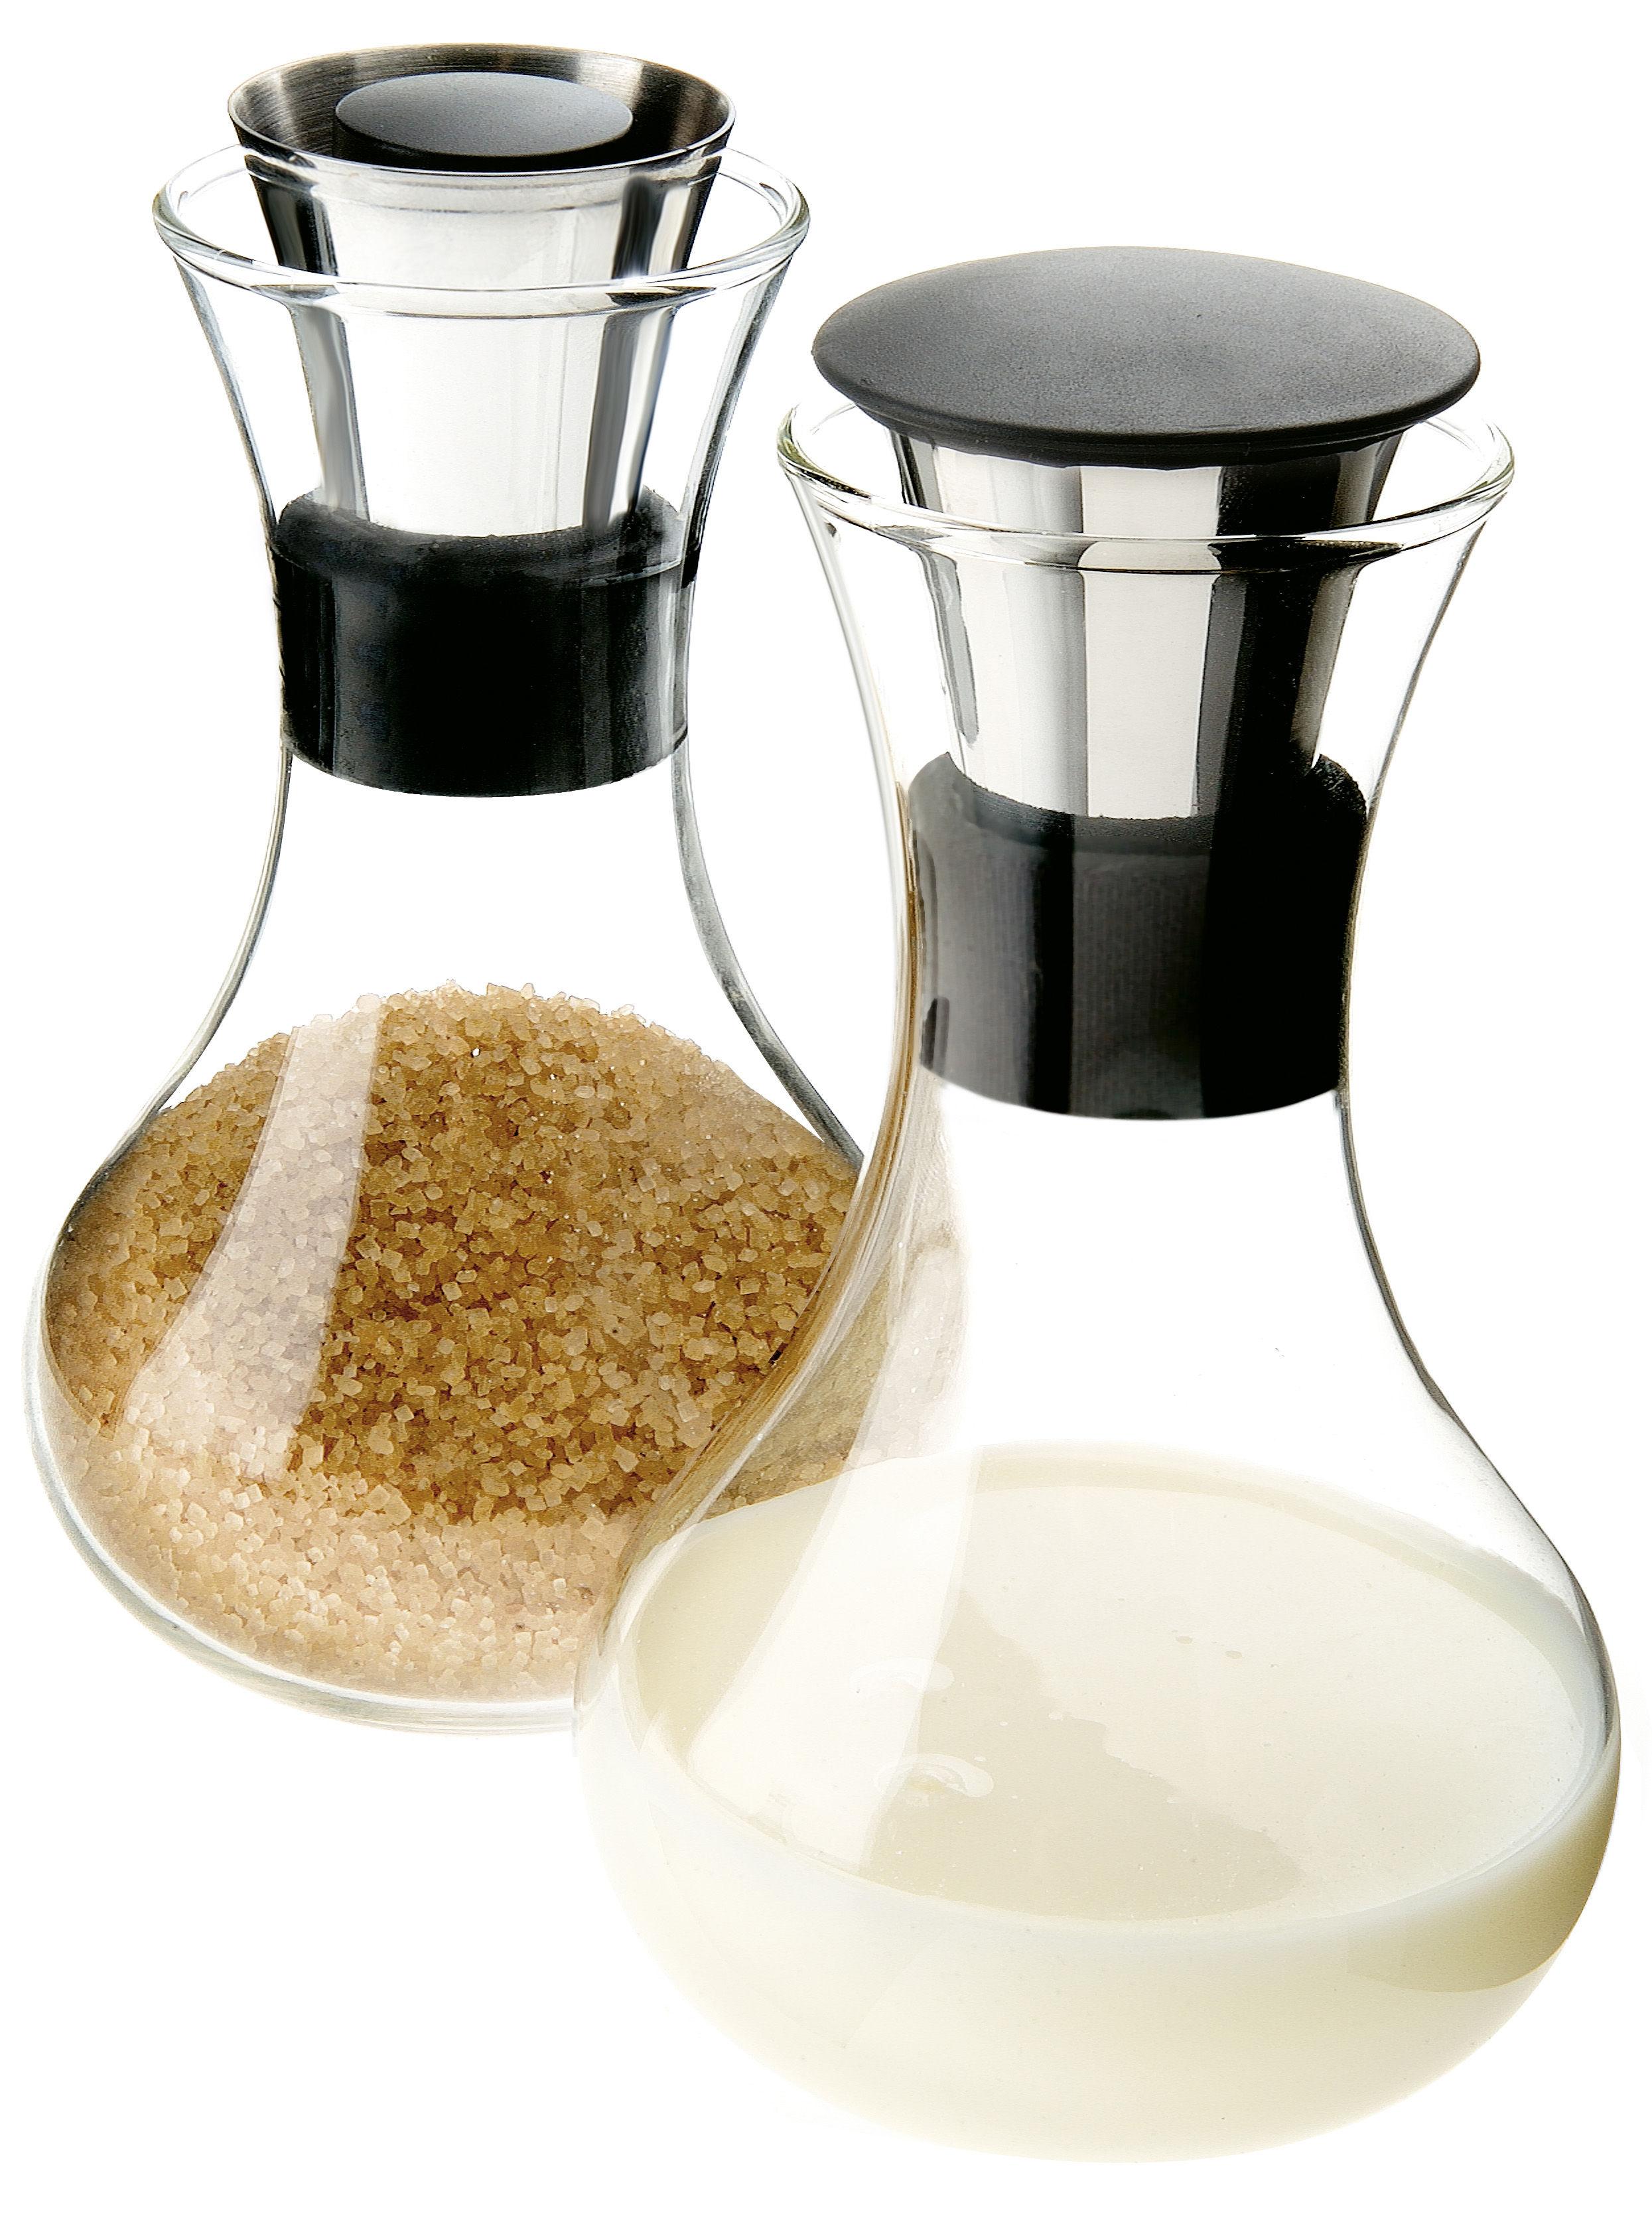 Cucina - Zuccheriere - Set zuccheriera e lattiera di Eva Solo - Vetro e acciaio - Acciaio inossidabile, Silicone, Vetro